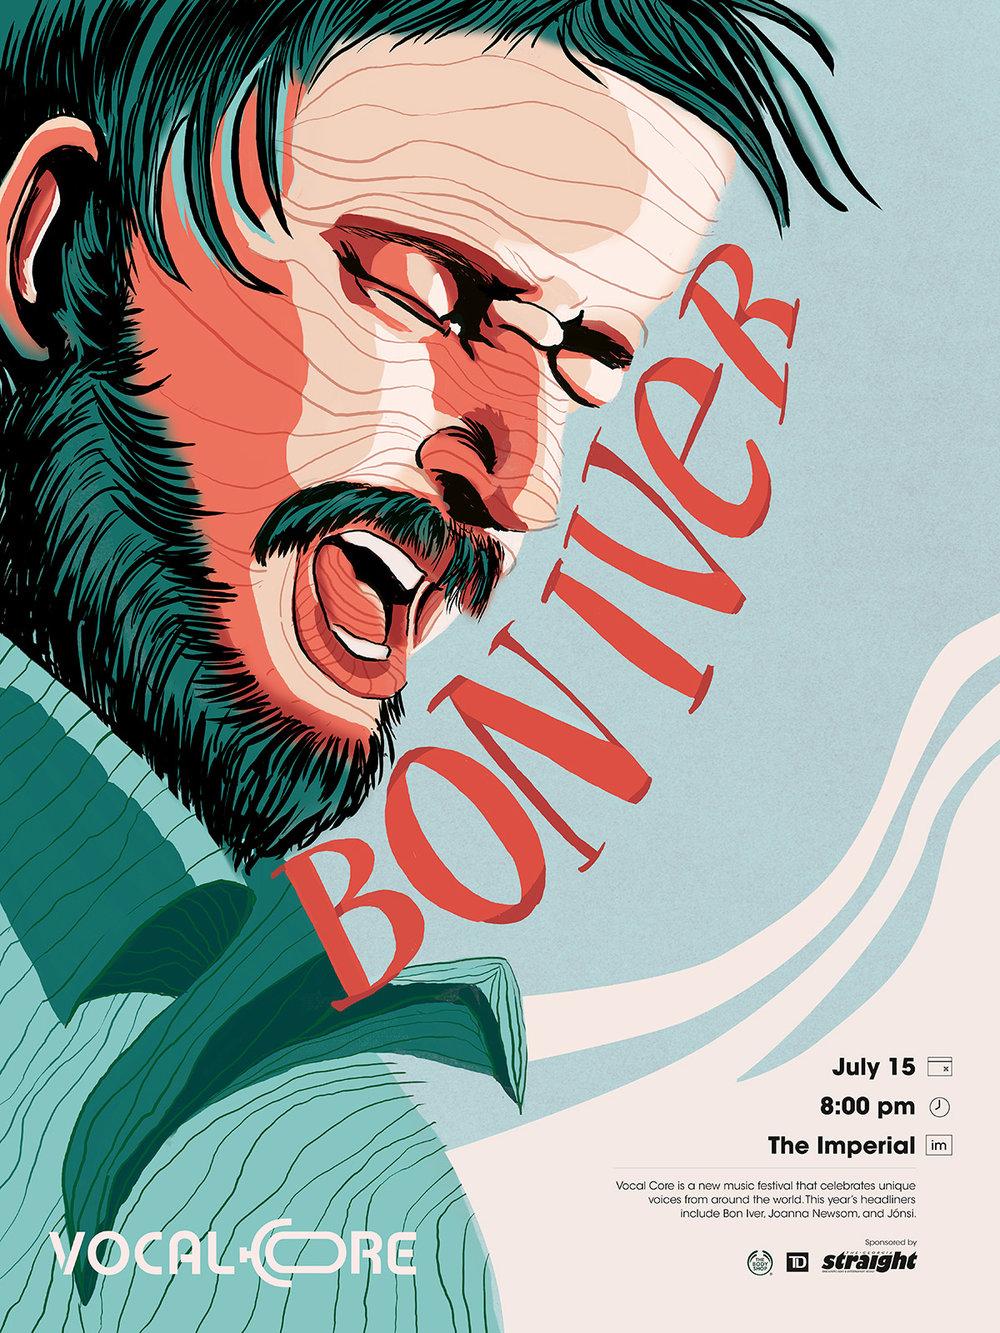 Vocal-Core-Music-Festival-Bon-Iver-Poster-illustration-and-design-by-Fiona-Dunnett.jpg